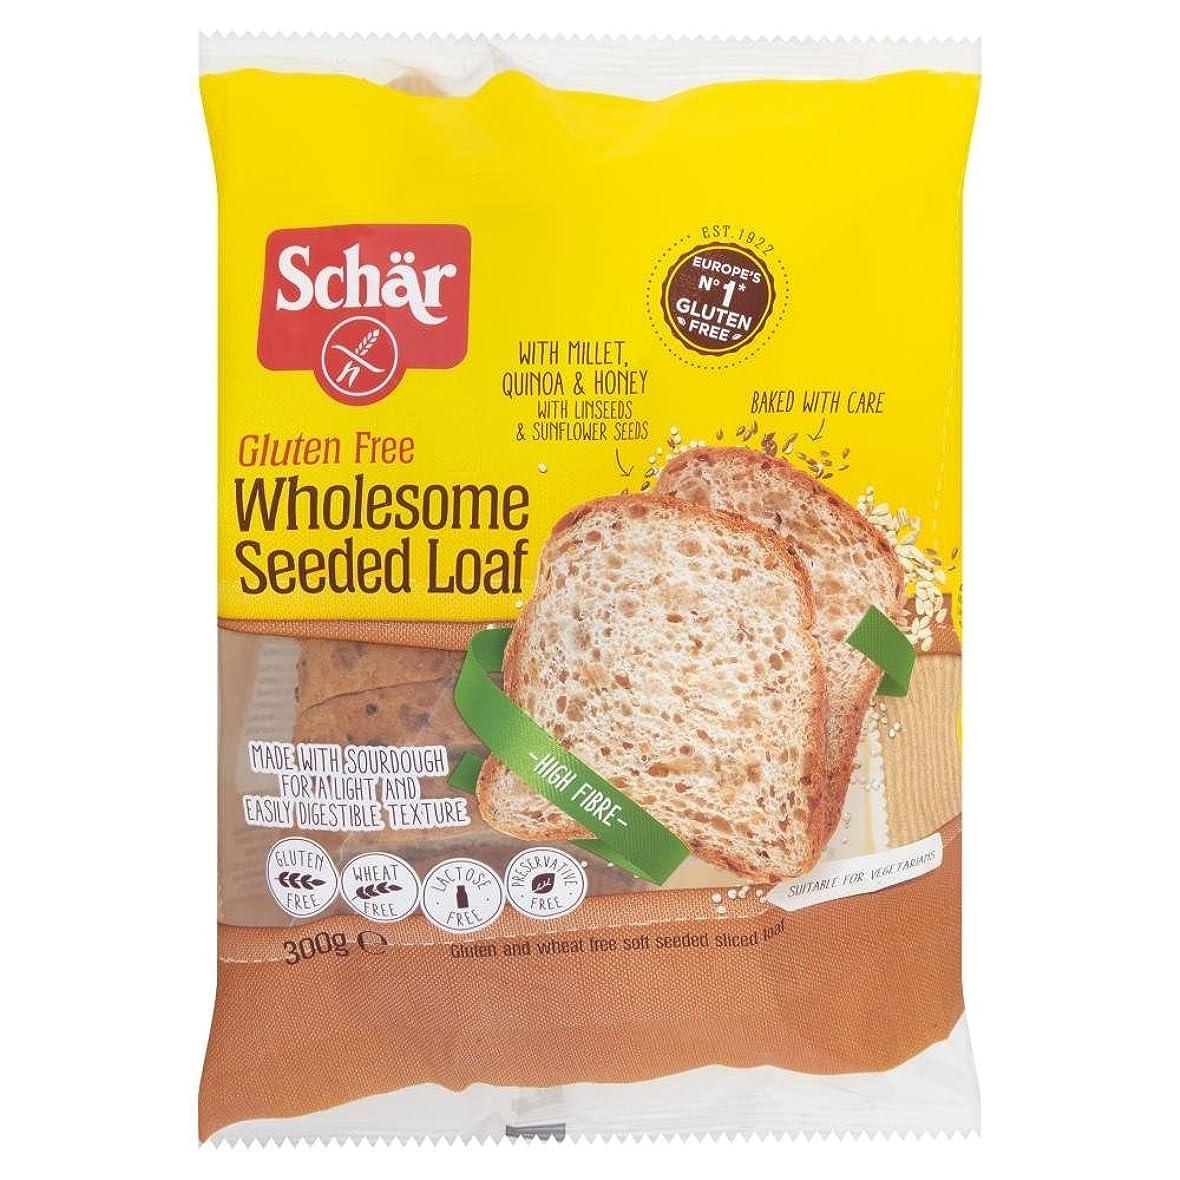 生き物独立苦行穀物グルテンフリー300グラムとシェアー穀物マスターベイカーパン